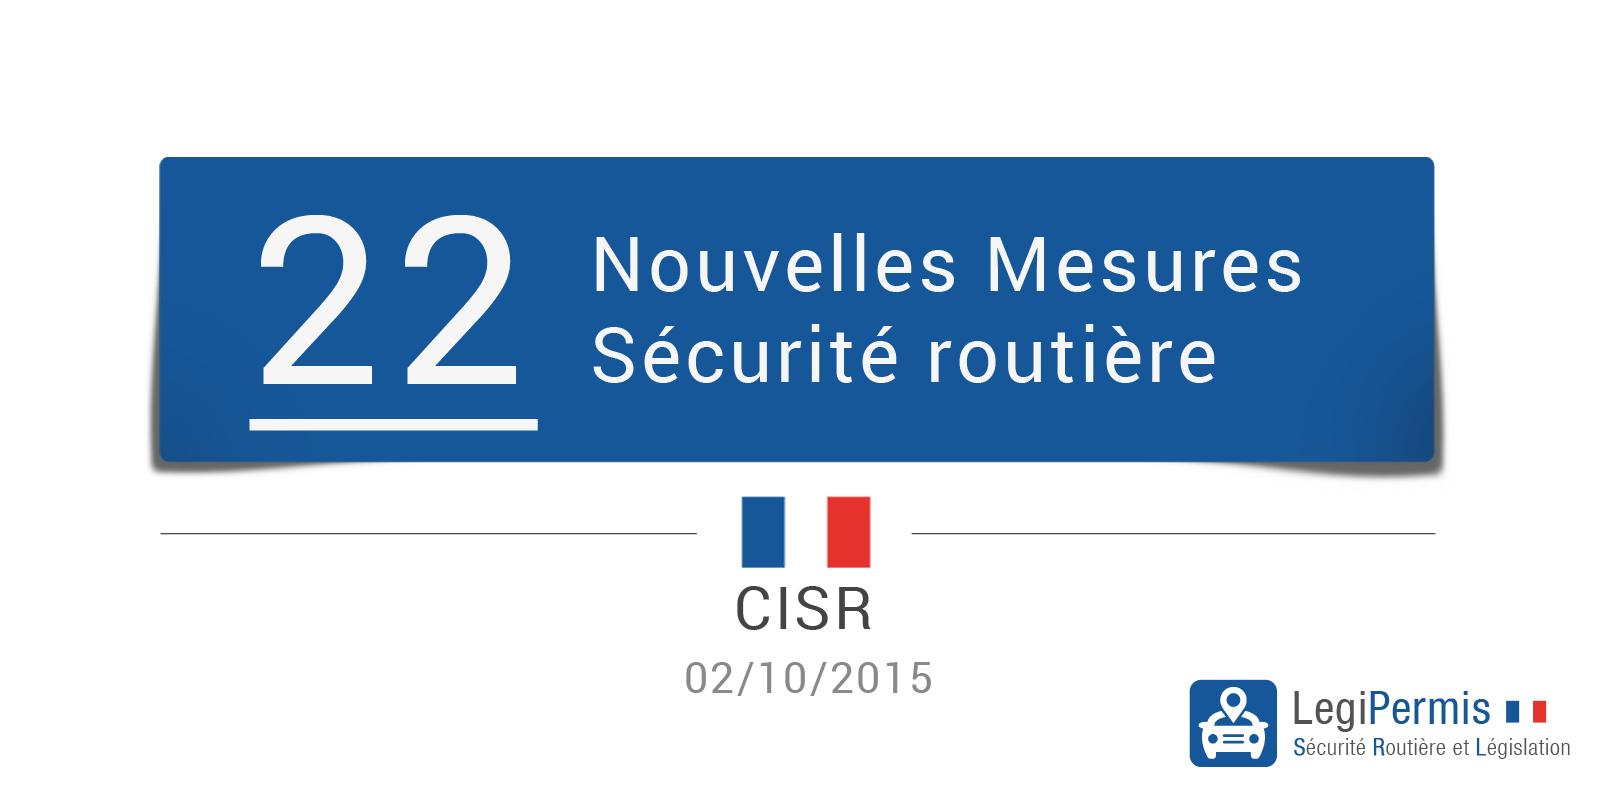 22 mesures de sécurité routières décidées par le CISR